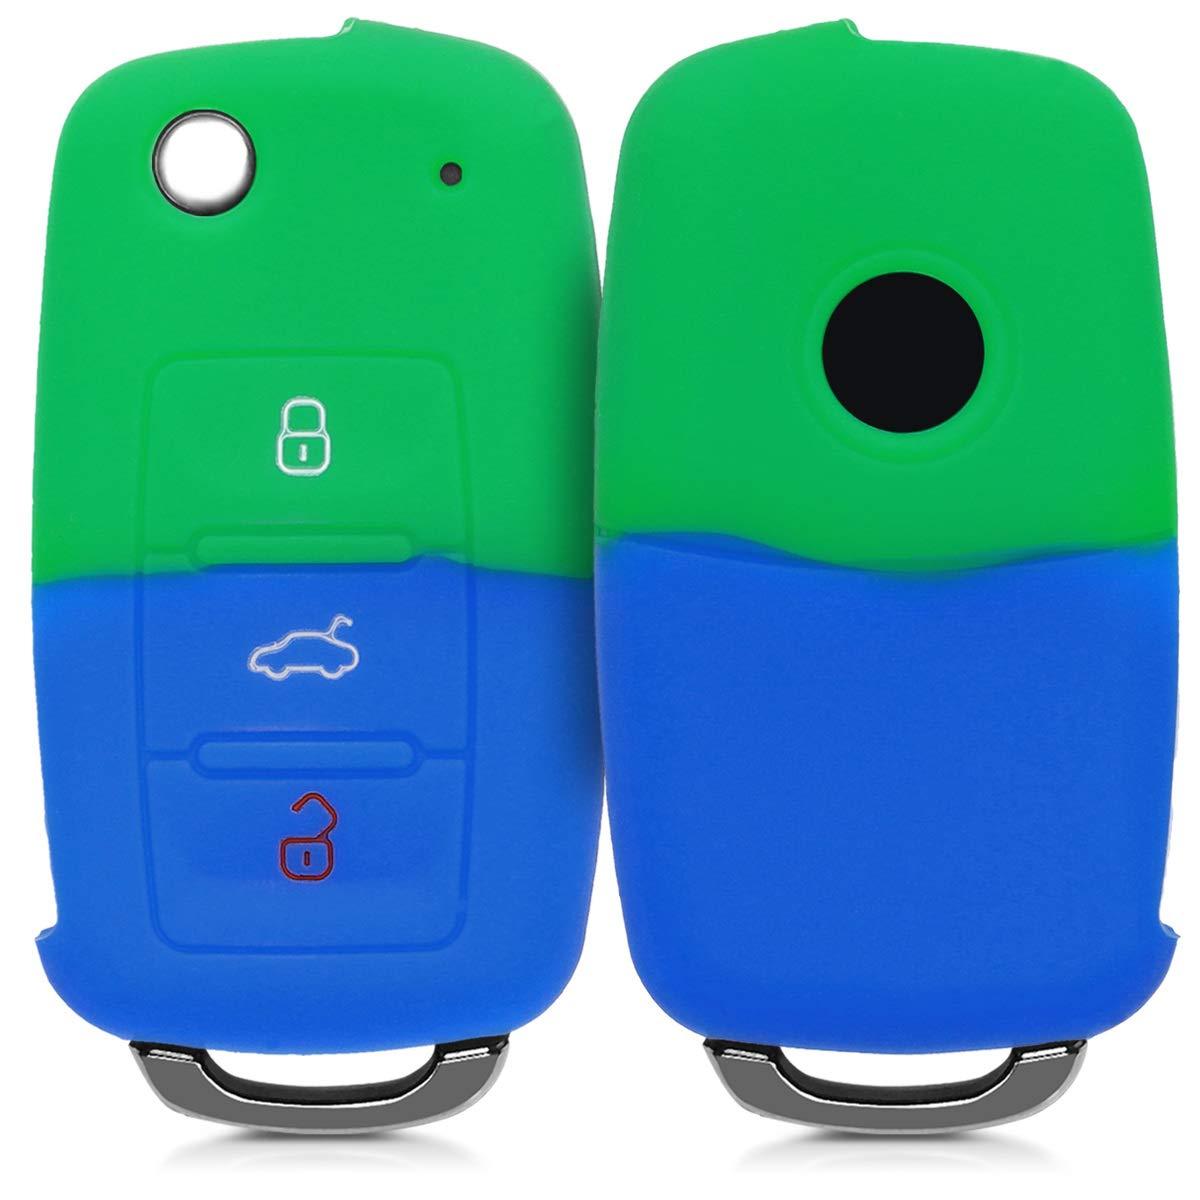 /Étui de Protection Souple kwmobile Accessoire cl/é de Voiture pour VW Skoda Seat Coque pour Clef de Voiture VW Skoda Seat 3-Bouton en Silicone Noir-Jaune-Blanc